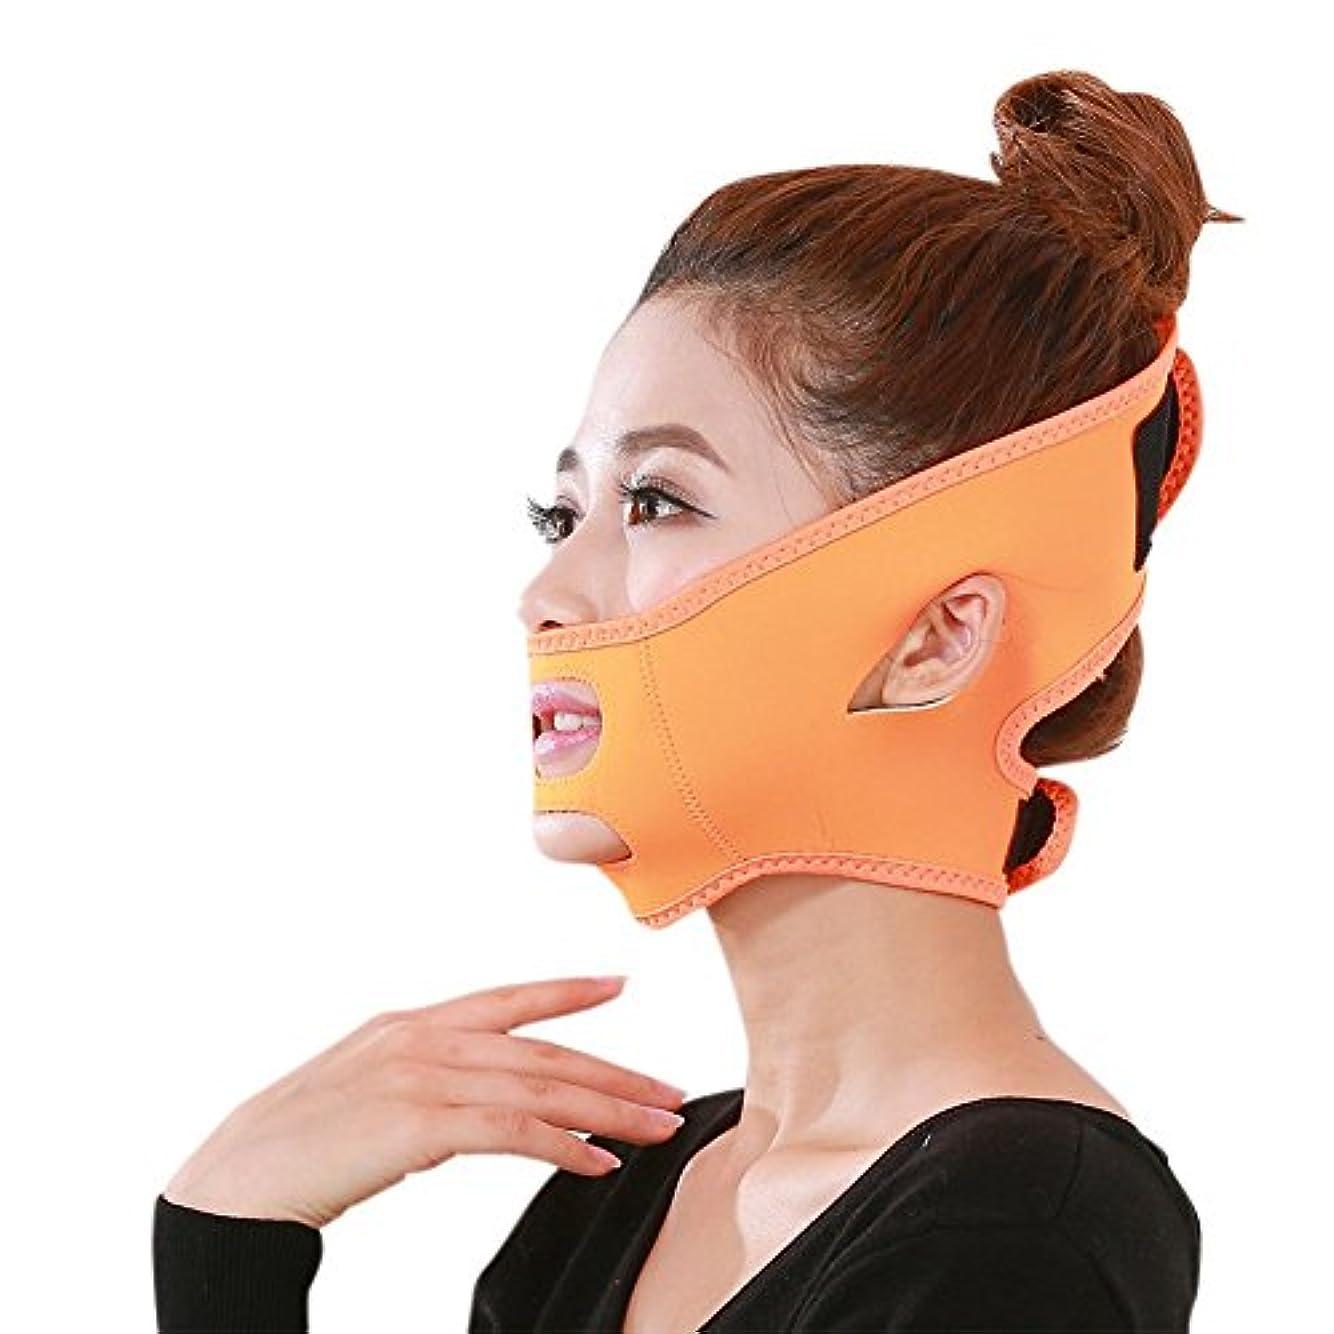 代替スカイ重量Remeehi 小顔ベルト 引き締め V顔 フェイスラインベルト シワ対策 美顔 ベルト 二重あこ対策 オレンジ